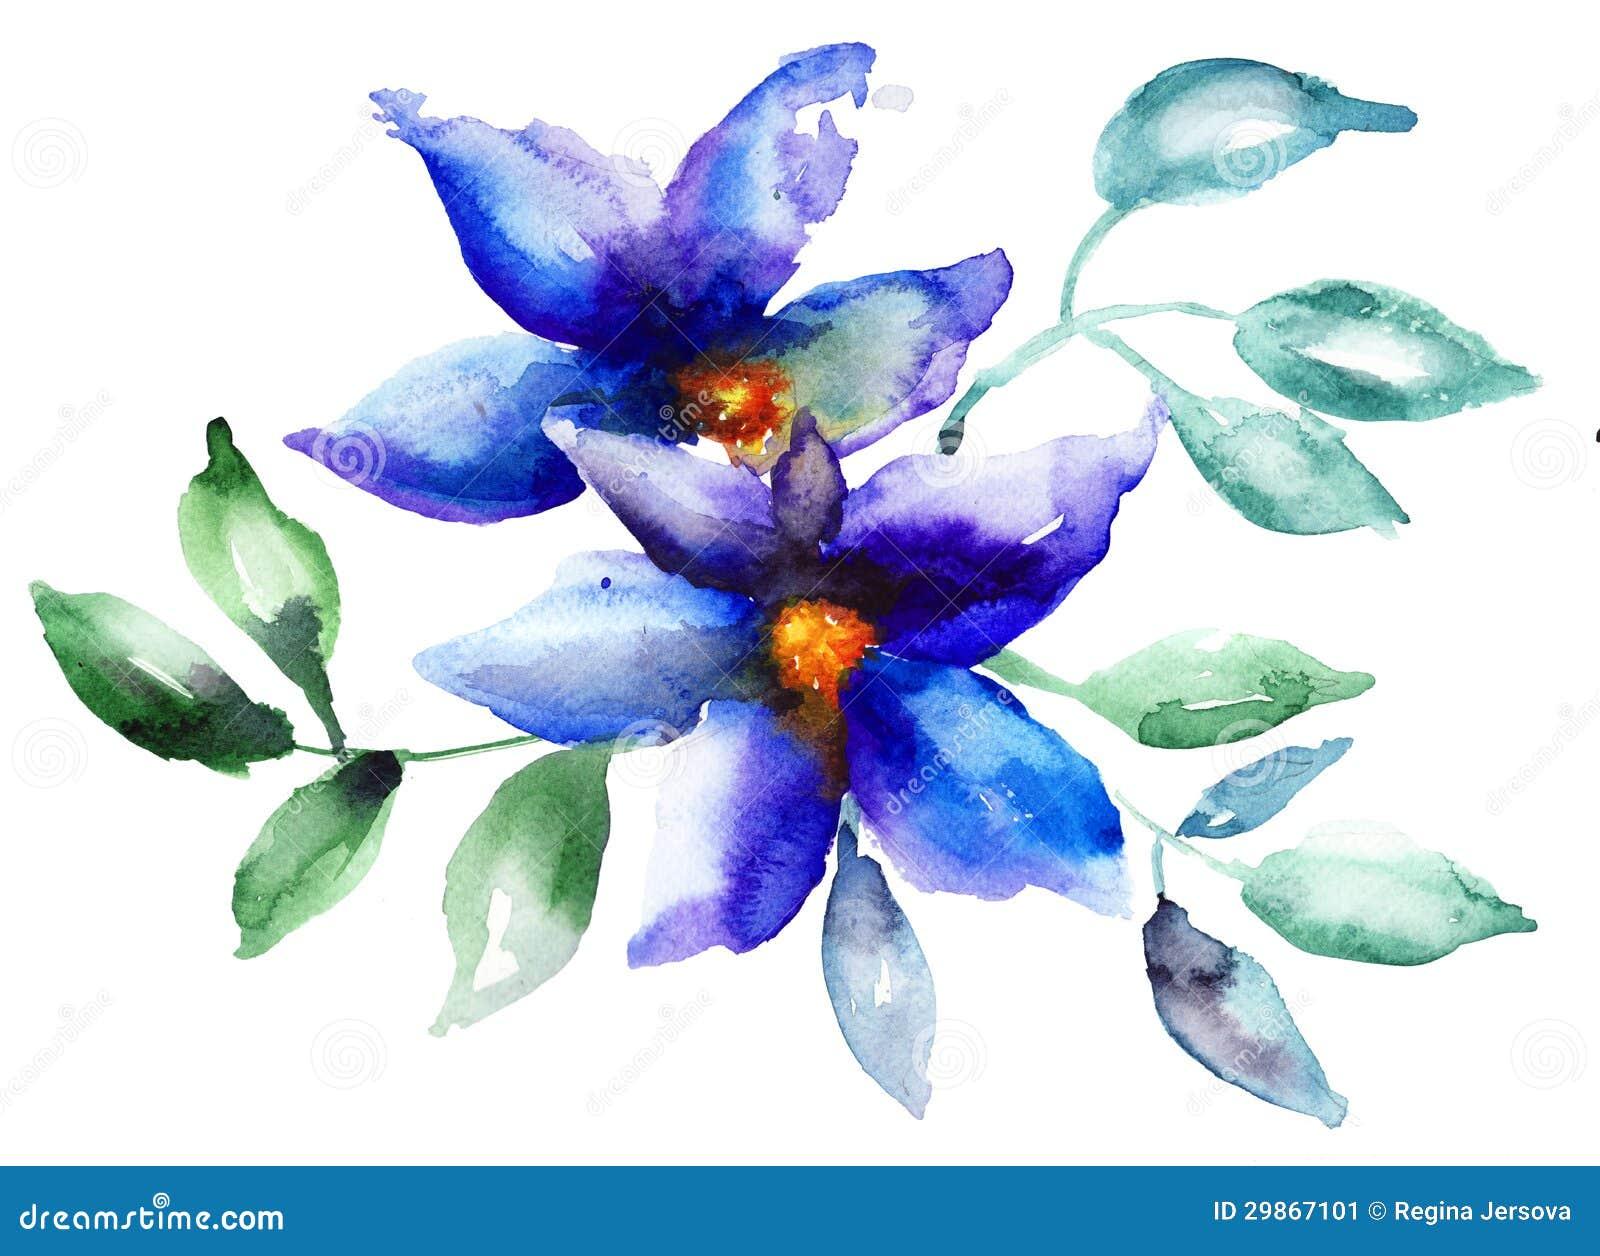 Beautiful Blue Flowers Stock Image - Image: 29867101 - photo#45